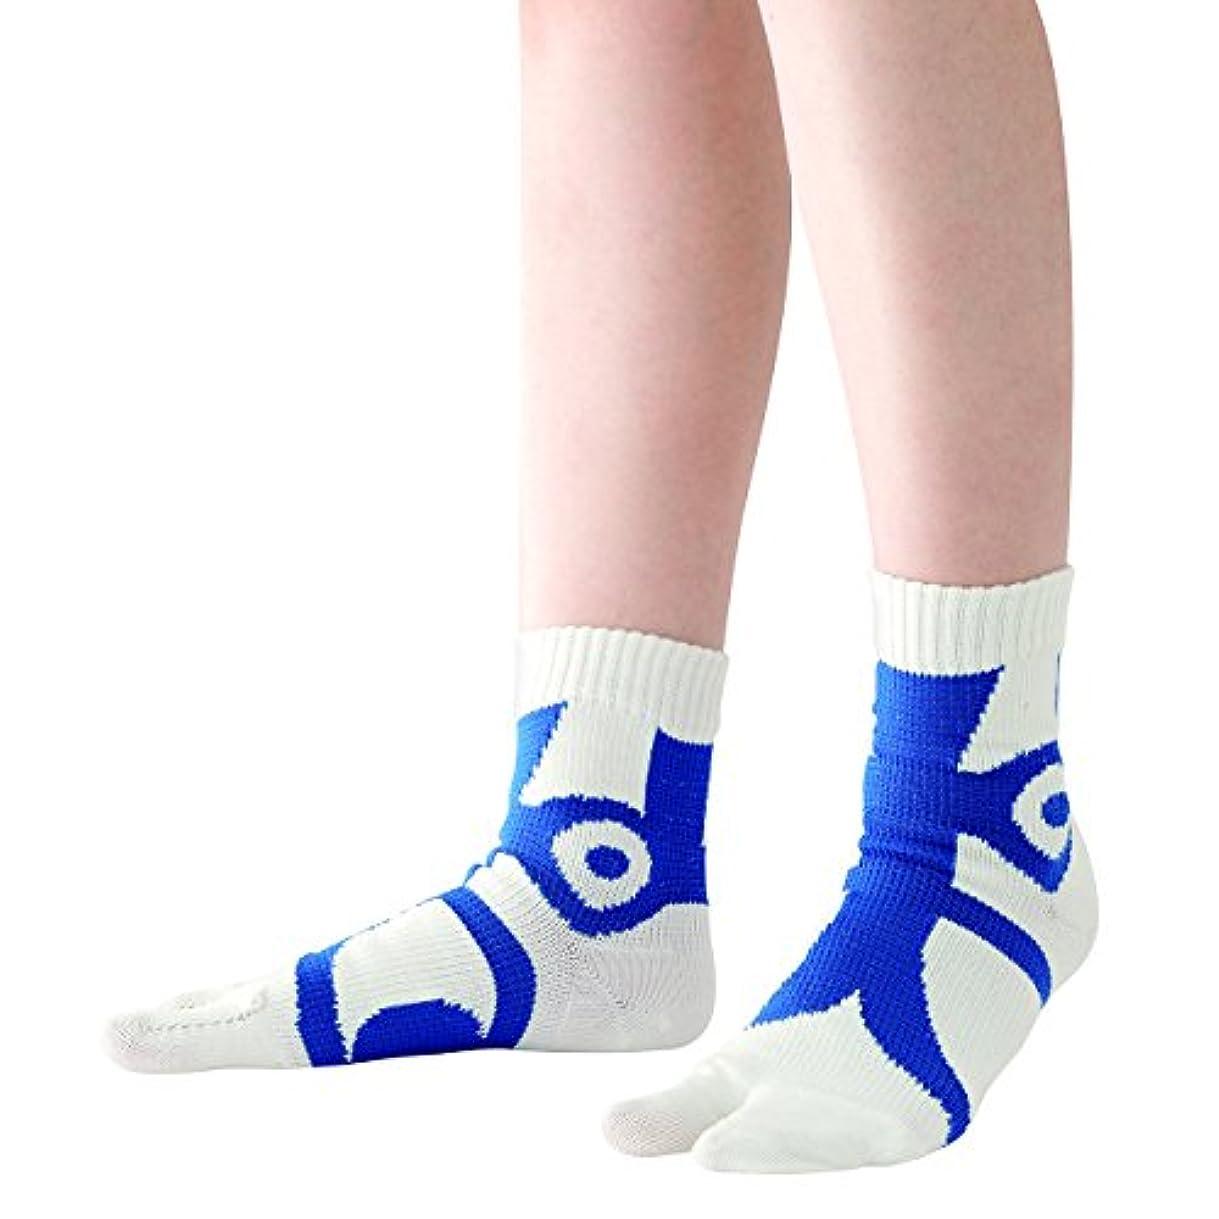 哀れなではごきげんよう突進快歩テーピング靴下 ホワイト×ブルー